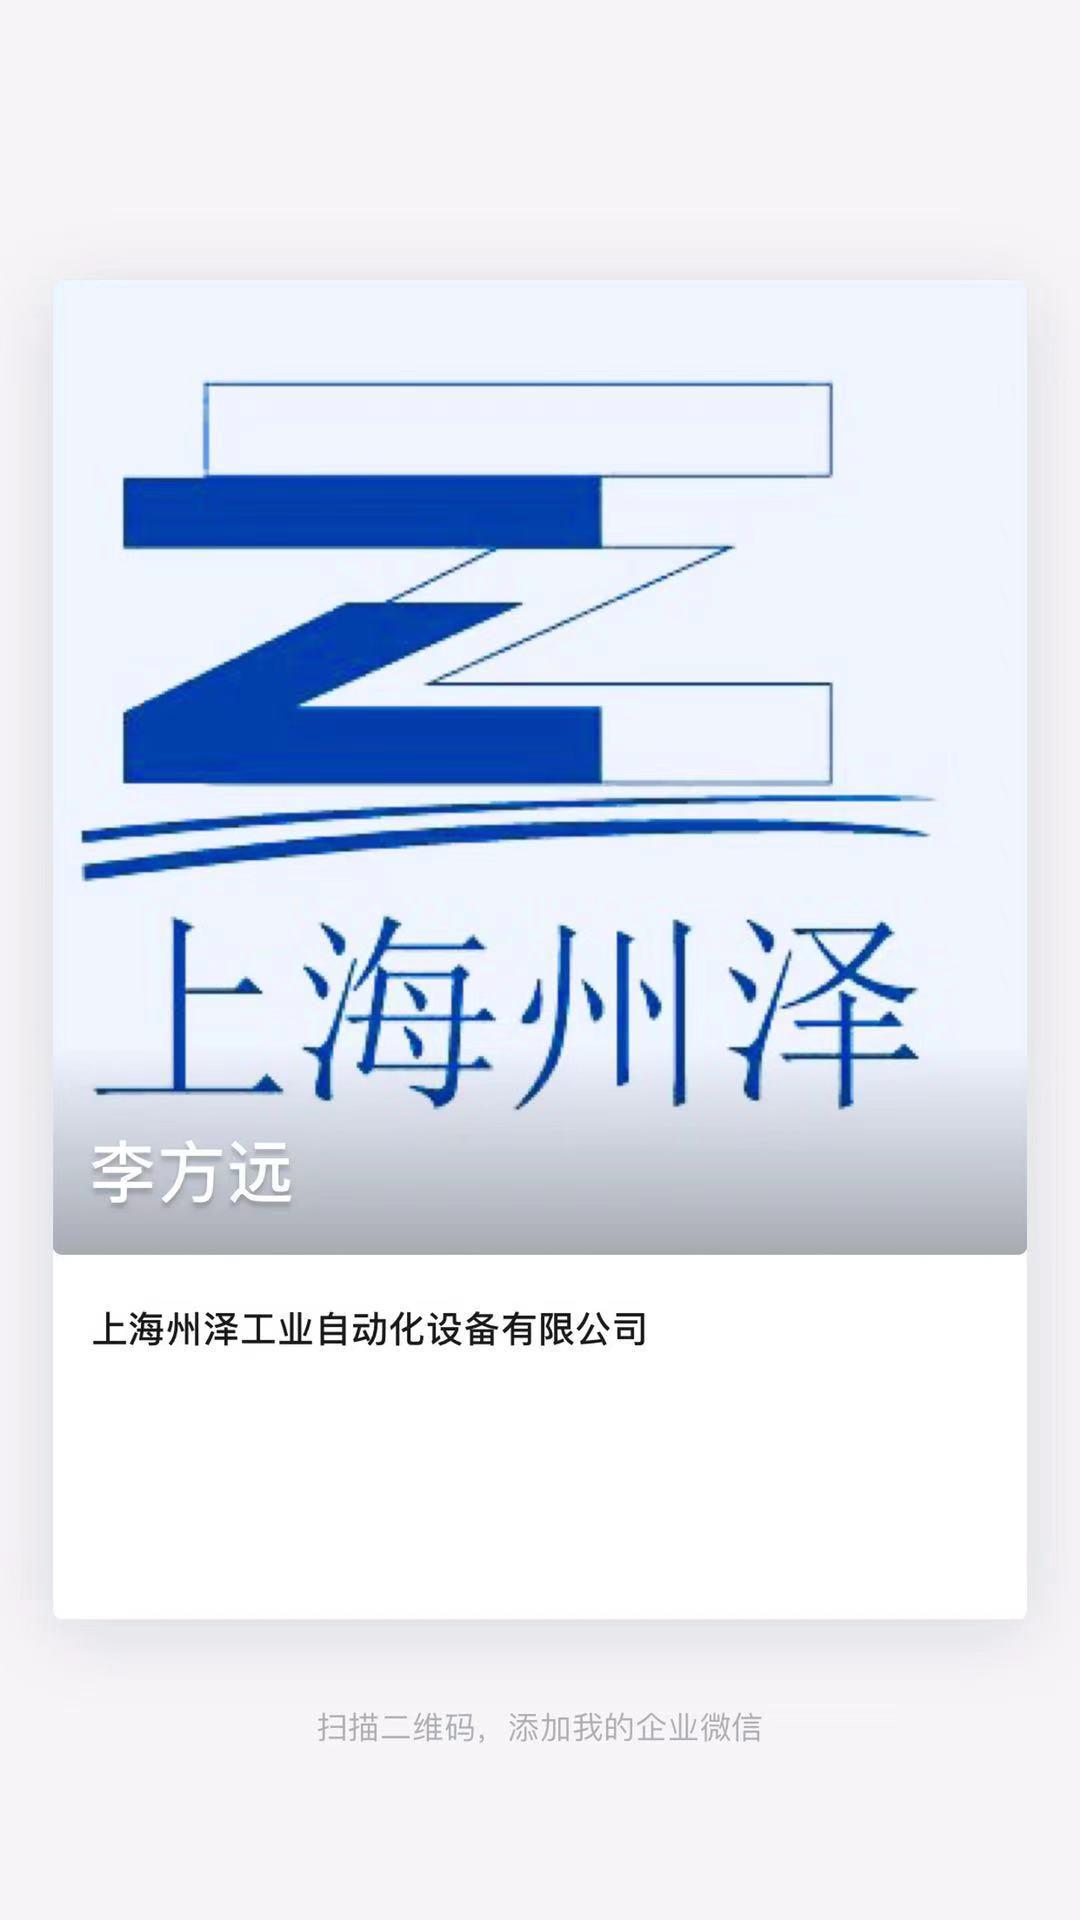 上海州泽工业自动化设备有限公司